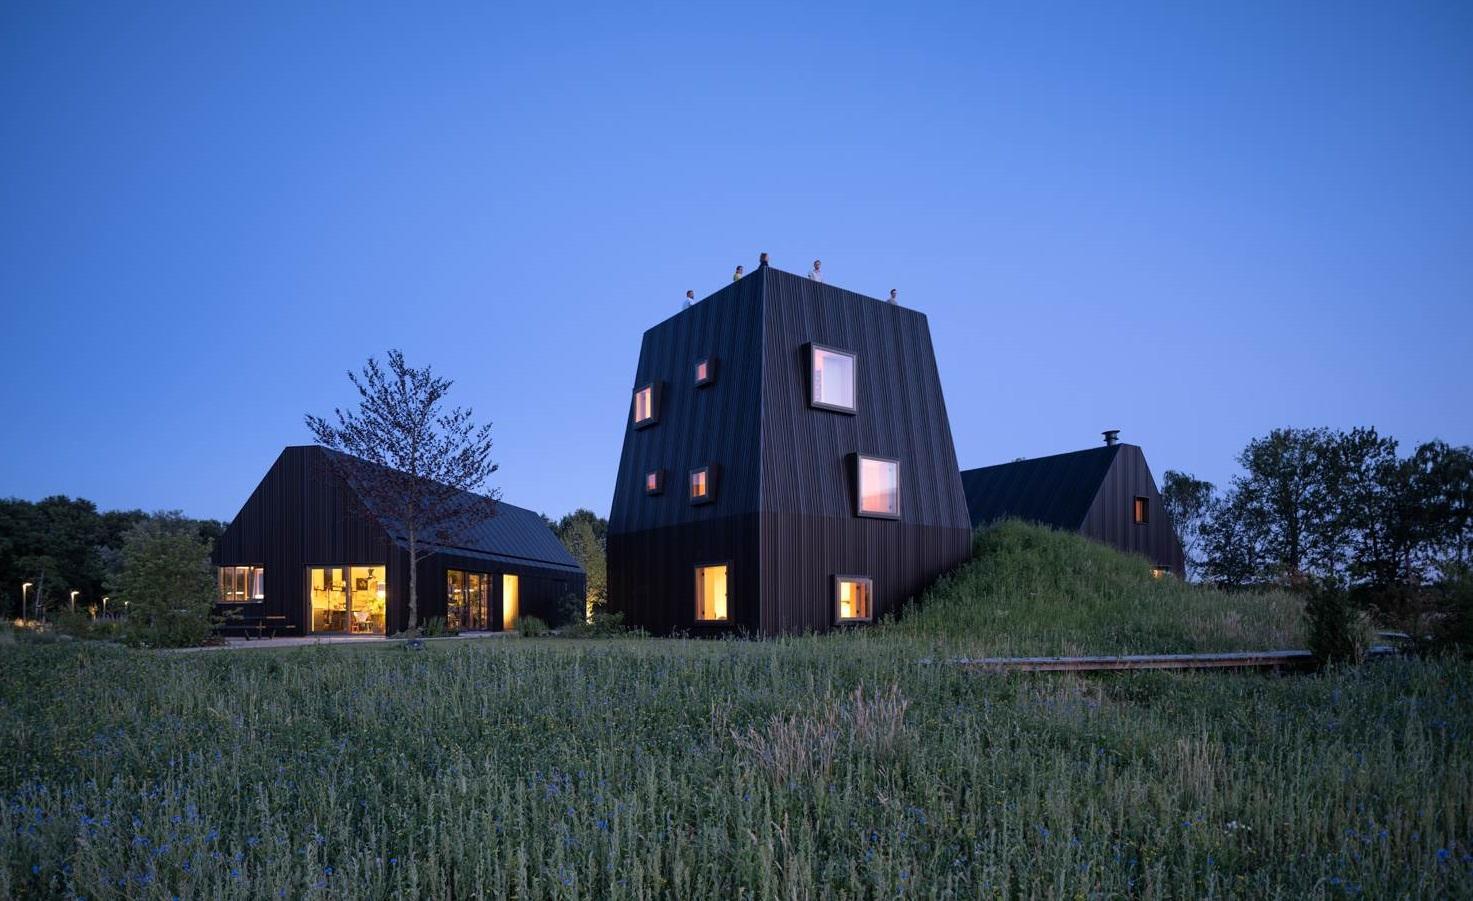 Uma residência remota no interior da Holanda